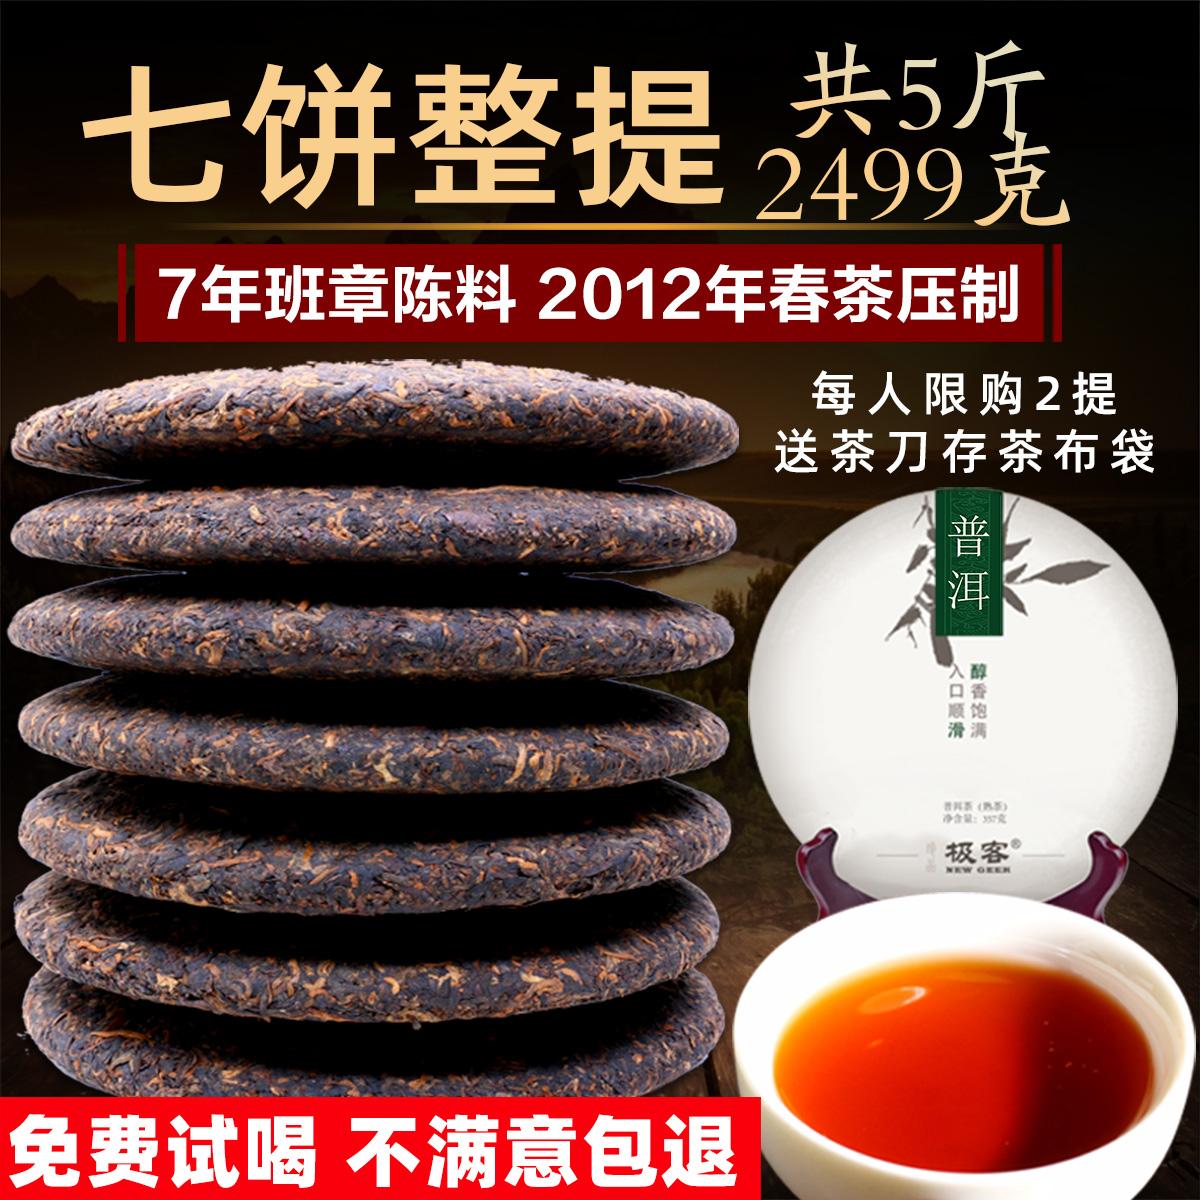 【7片整提购2499g】普洱茶熟茶 2012年 云南七子饼老班章古树茶叶